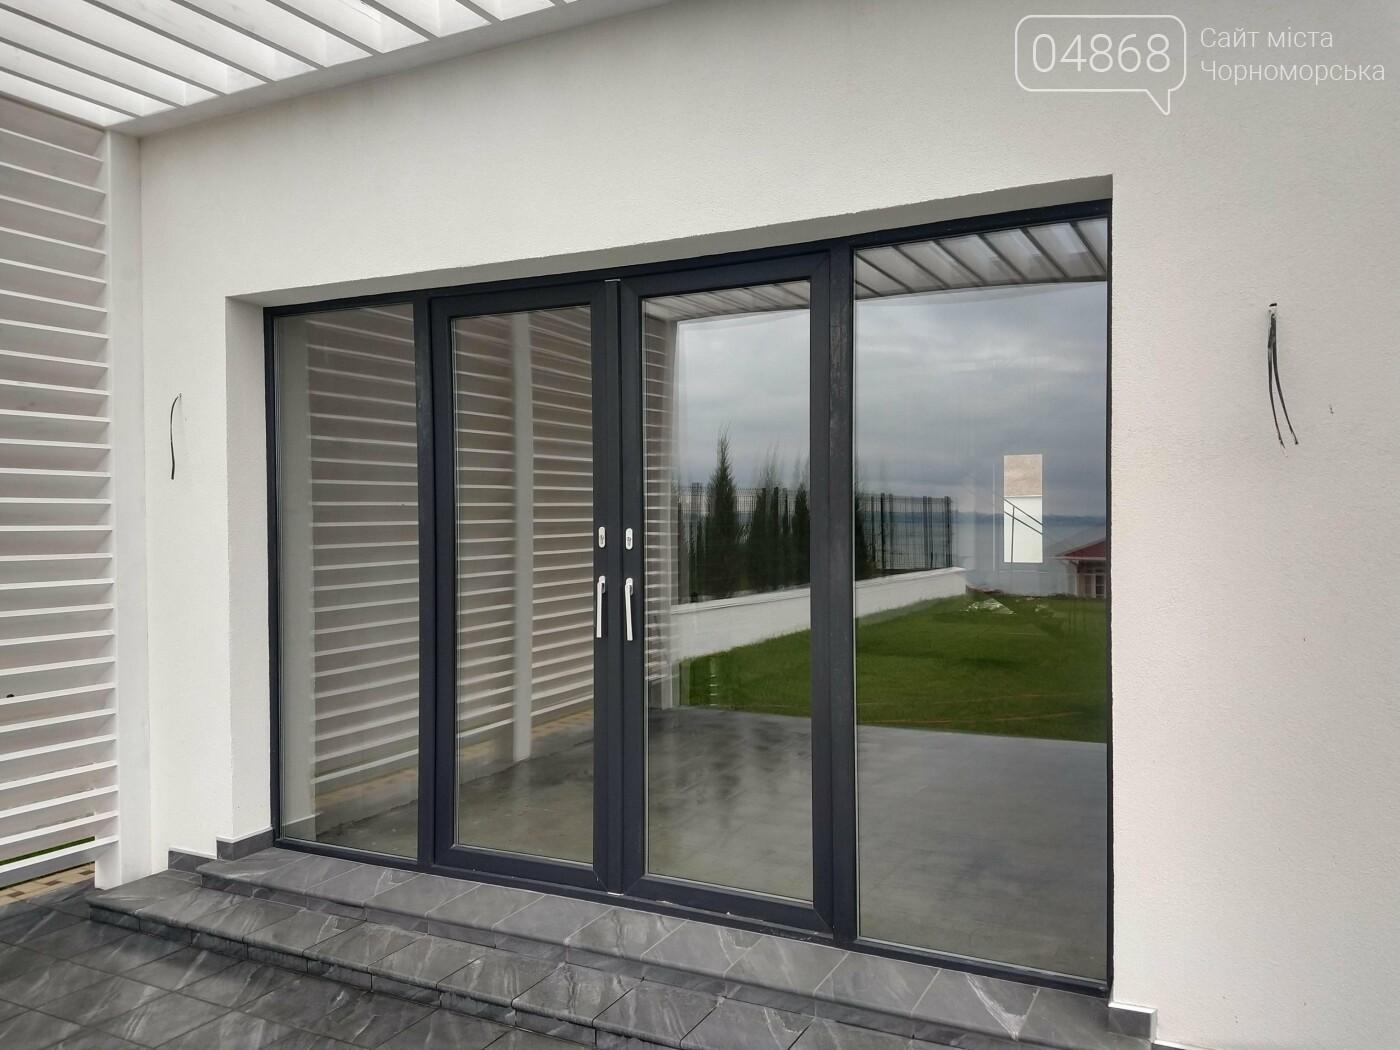 Правильный выбор металлопластиковых окон и дверей., фото-2